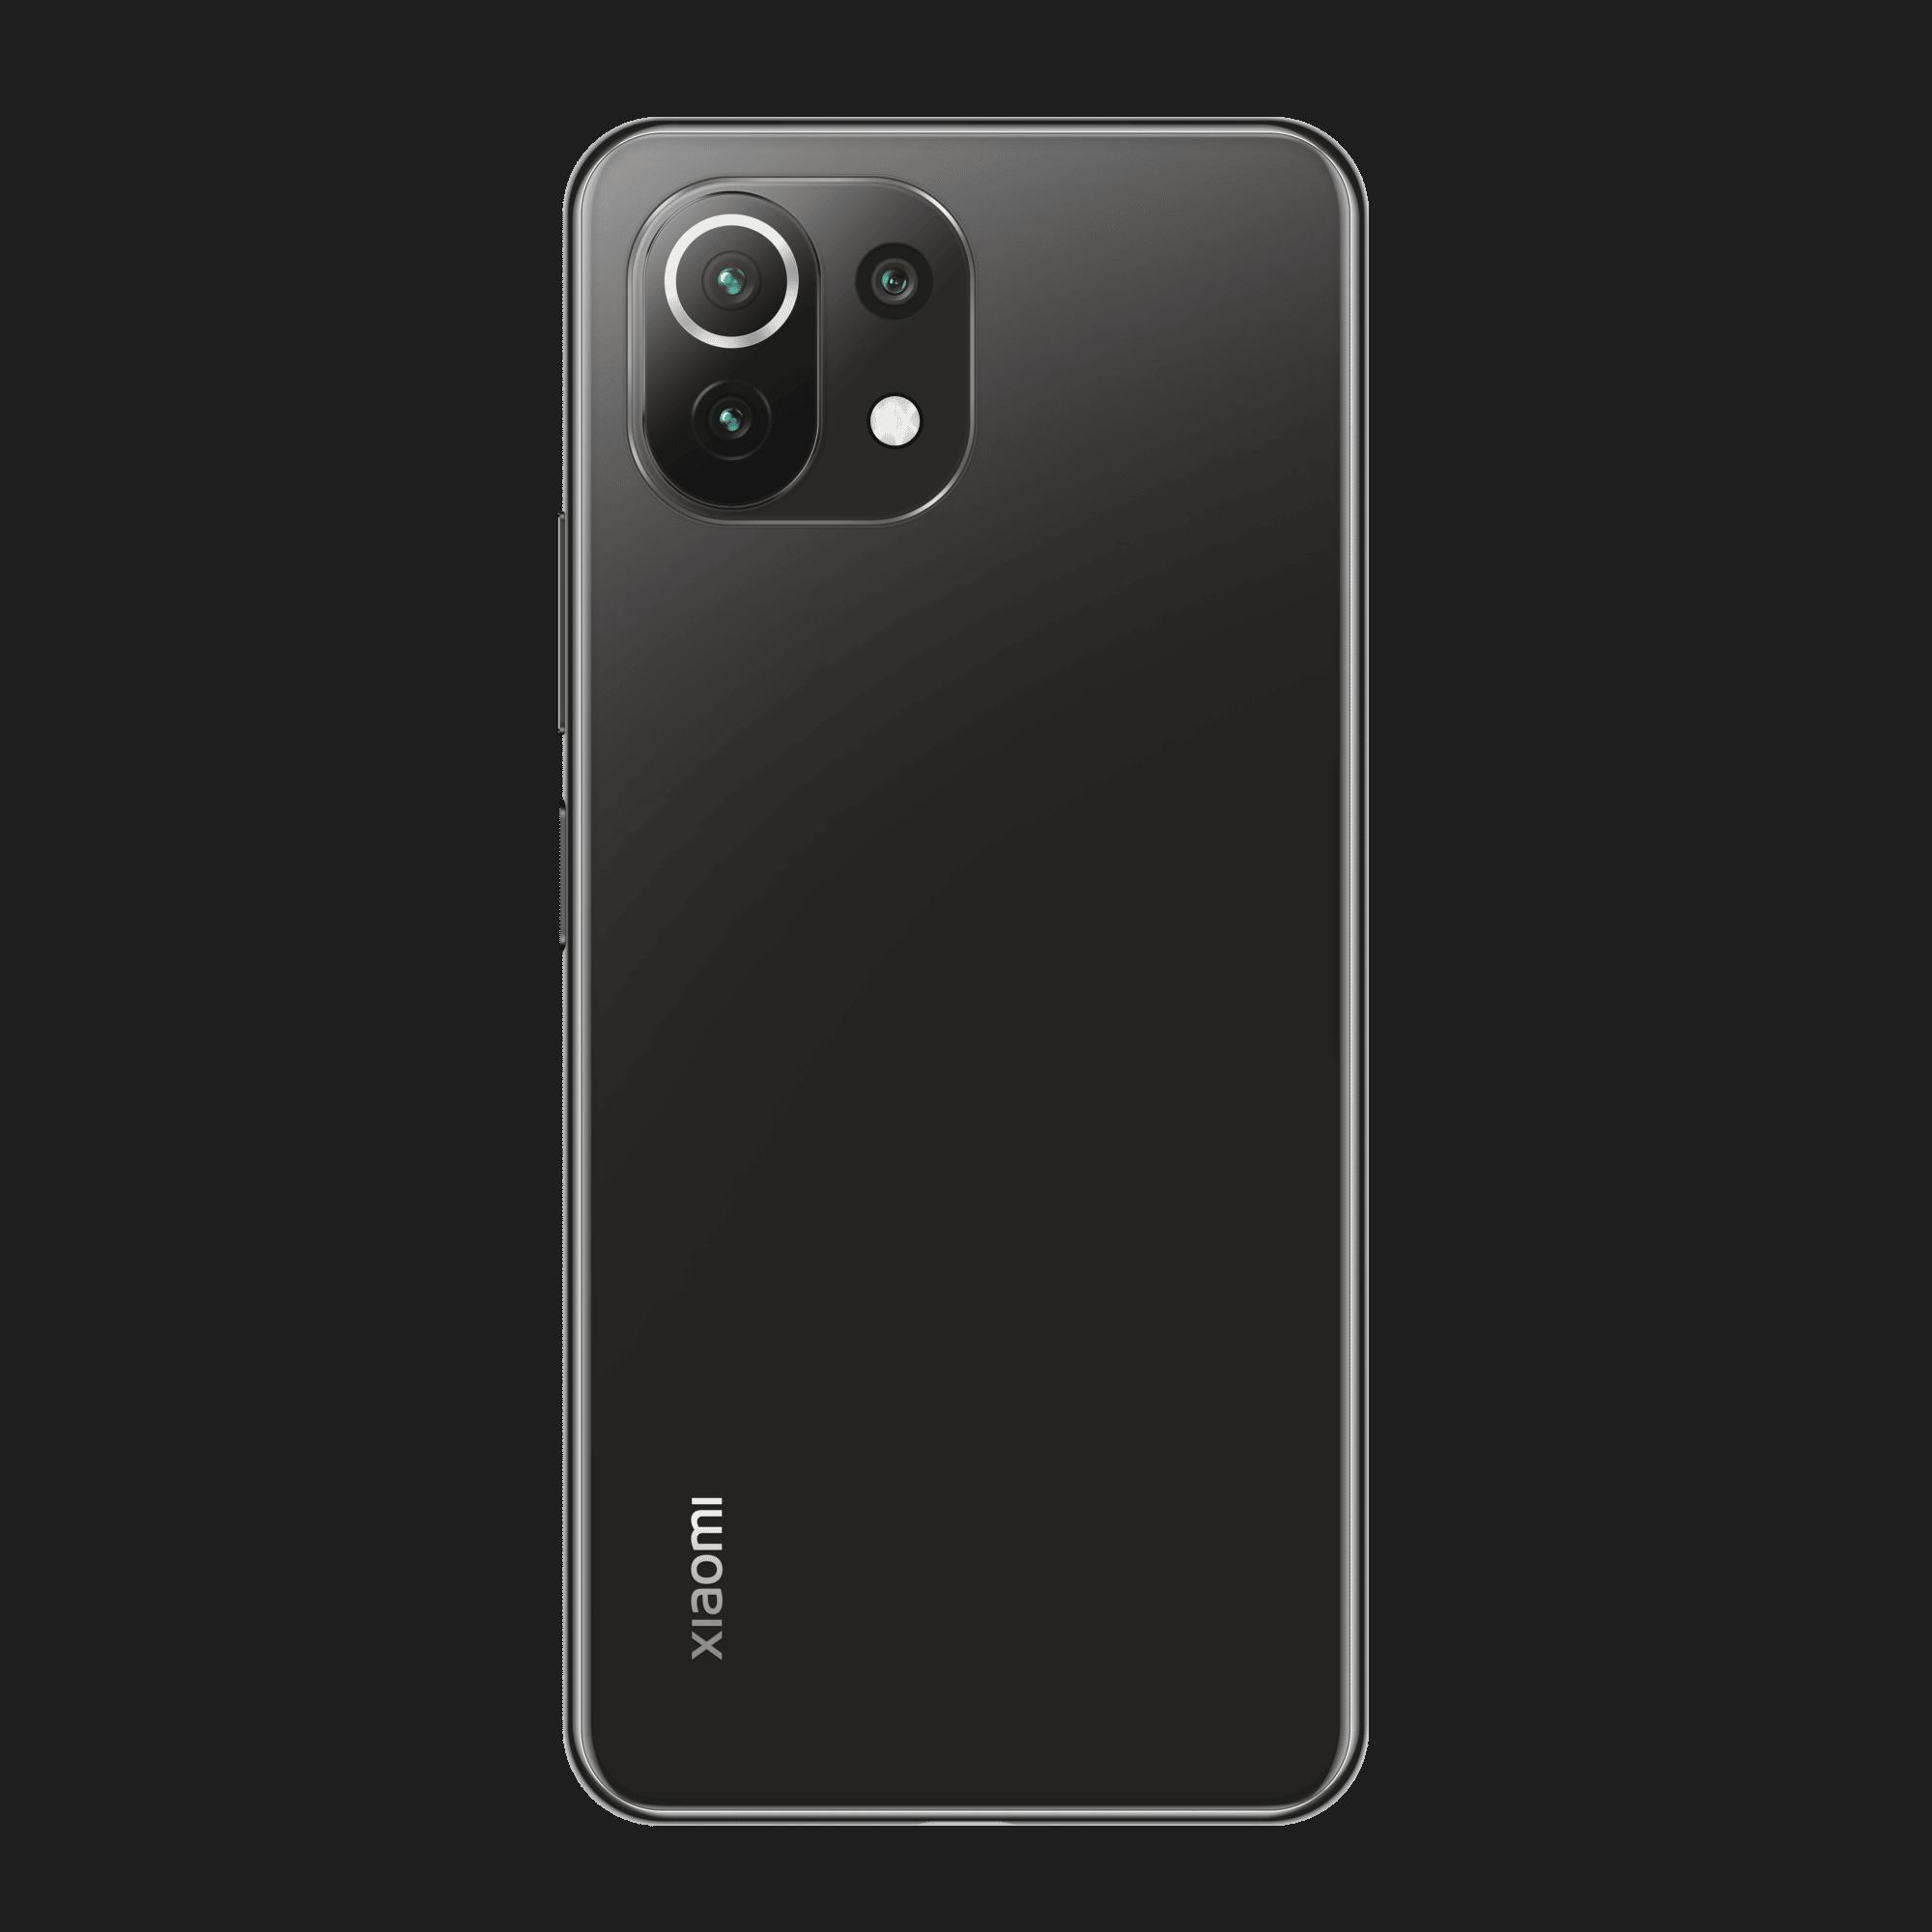 Mi 11 Lite, Mi 11 Lite : Xiaomi annonce les nouveaux milieu de gamme